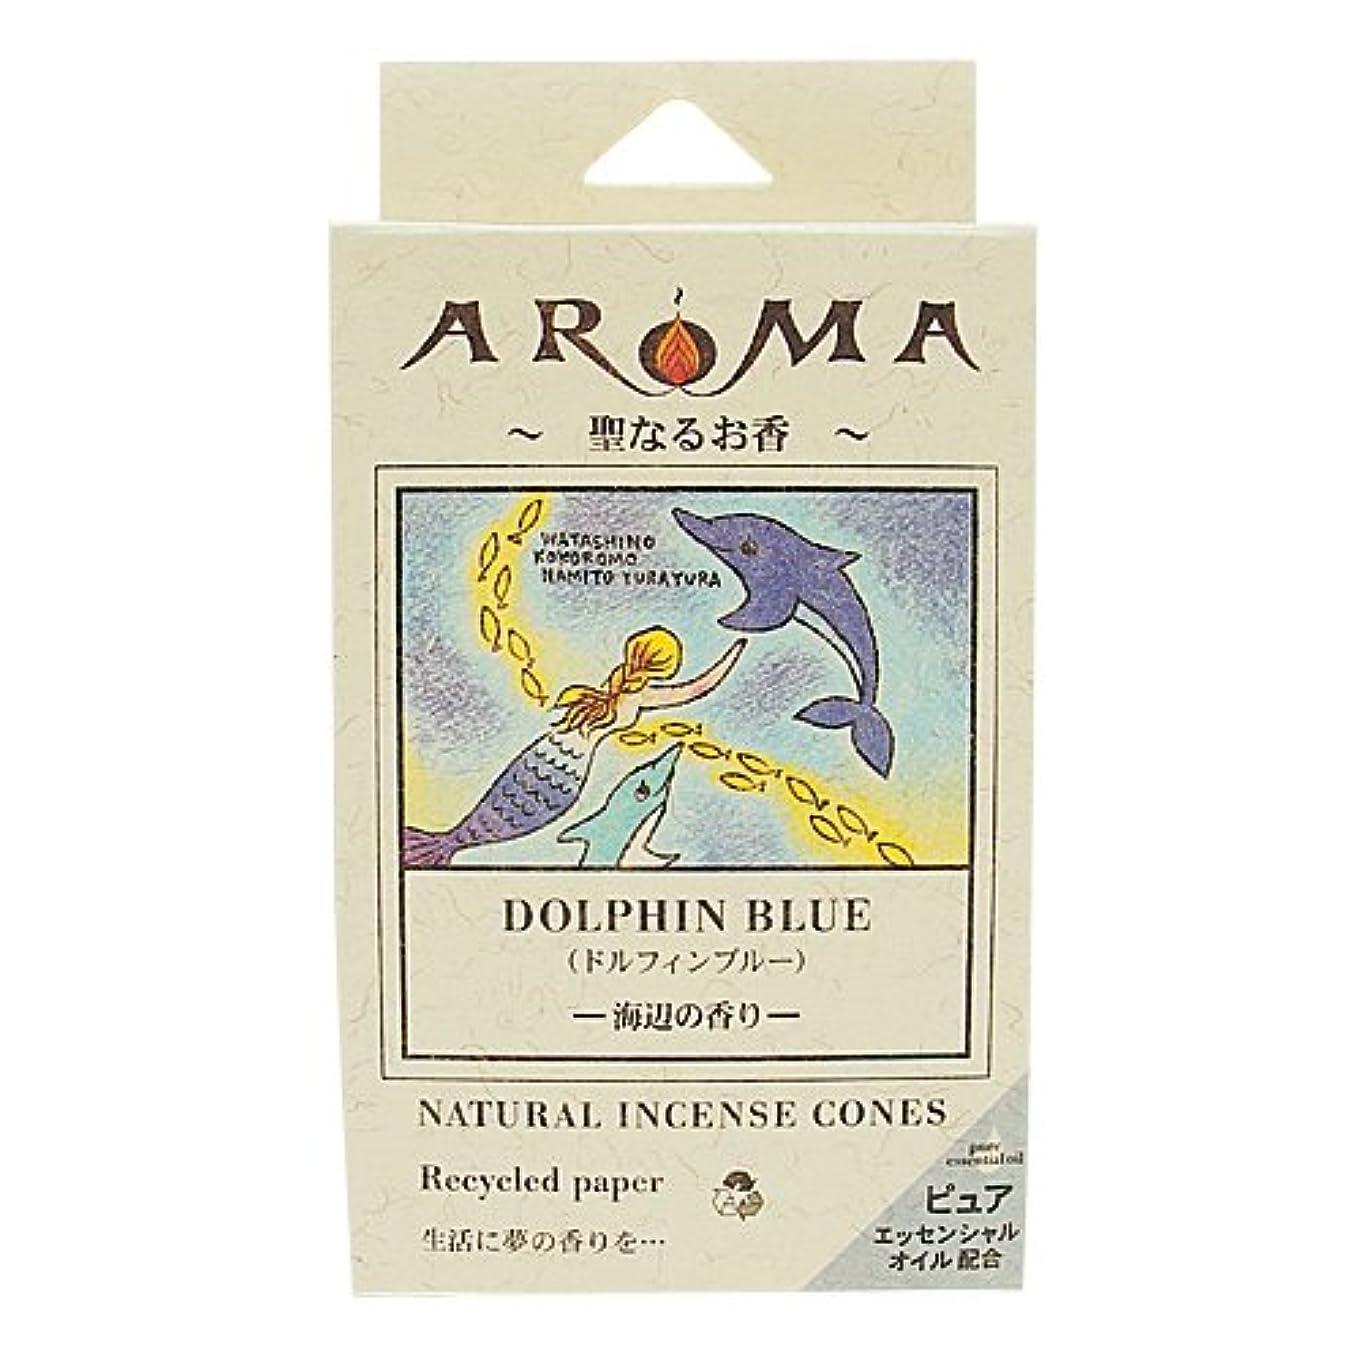 ひねくれたほのめかす雄弁なアロマ香 ドルフィンブルー 16粒(コーンタイプインセンス 1粒の燃焼時間約20分 海辺の香り)